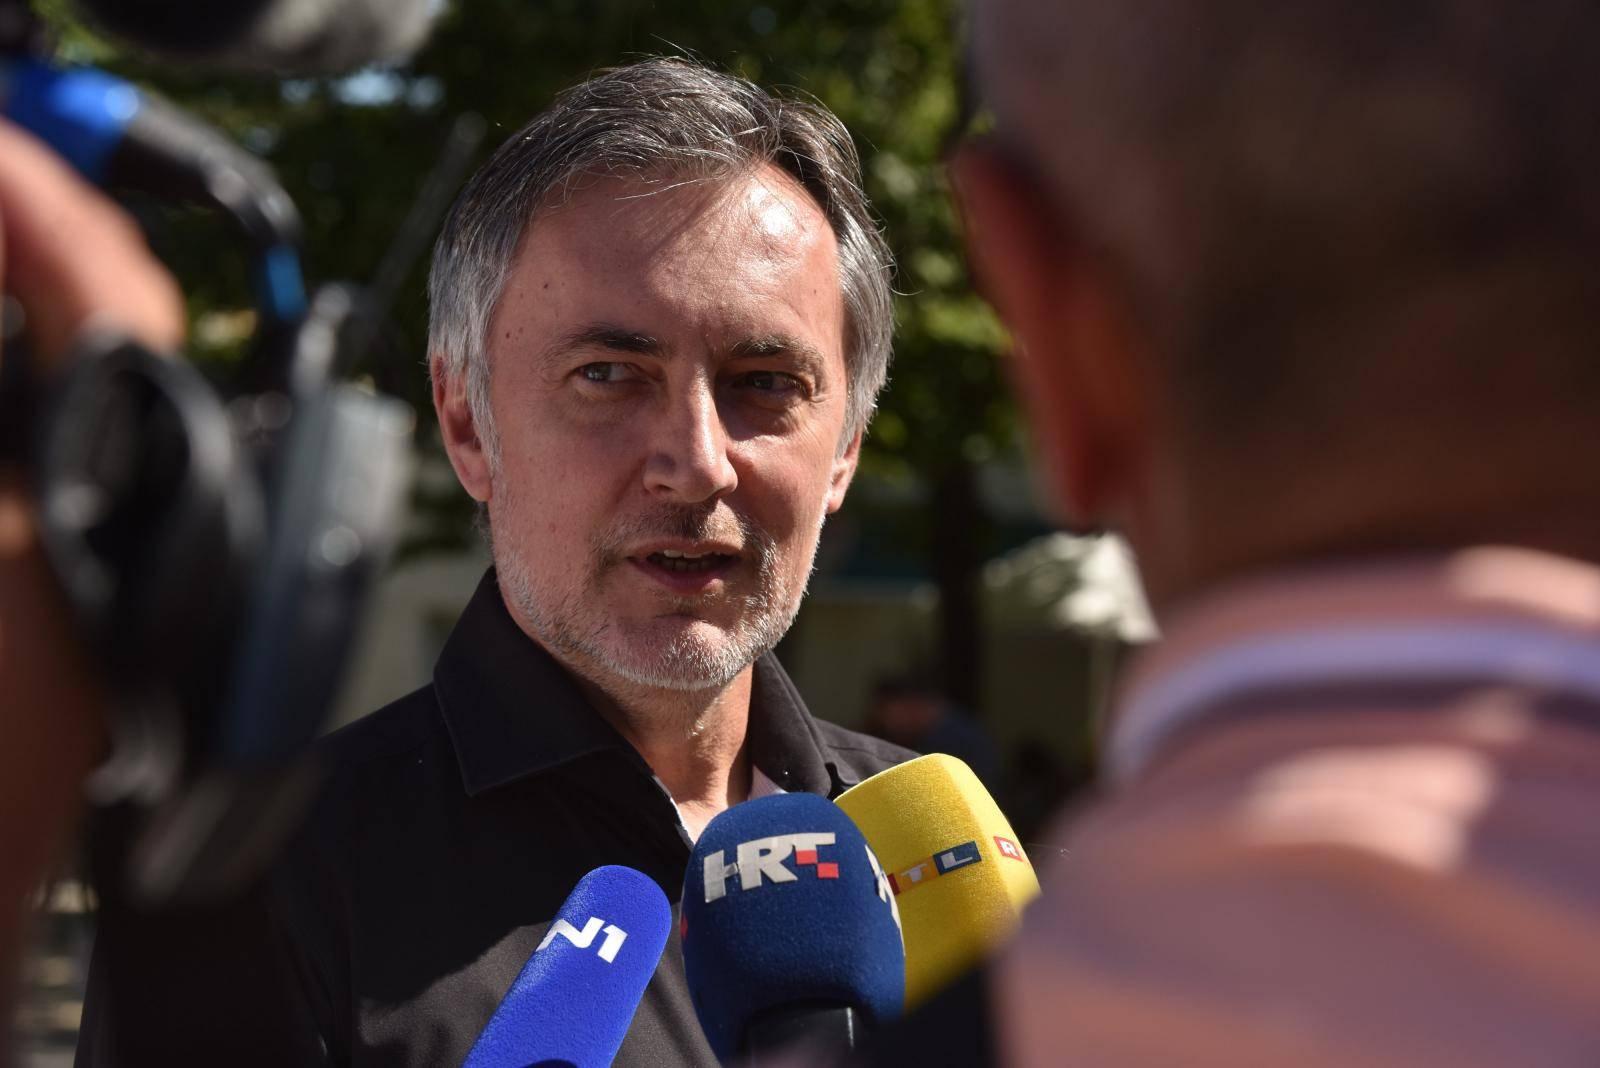 Predsjednički kandidat Miroslav Škoro došao u Knin na Dan pobjede i domovinske zahvalnosti